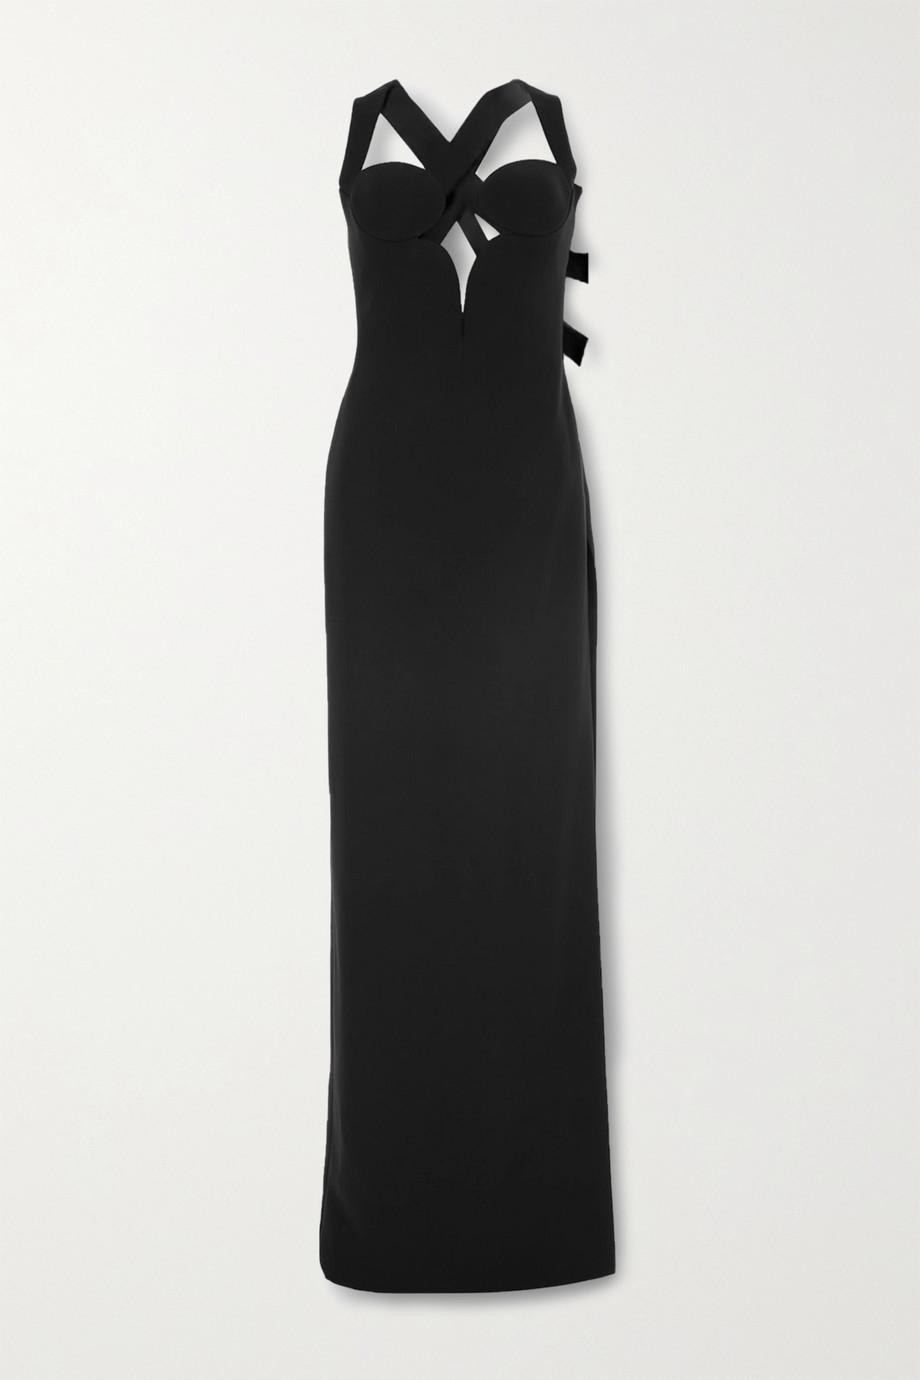 Versace Robe aus Stretch-Crêpe mit Cut-outs